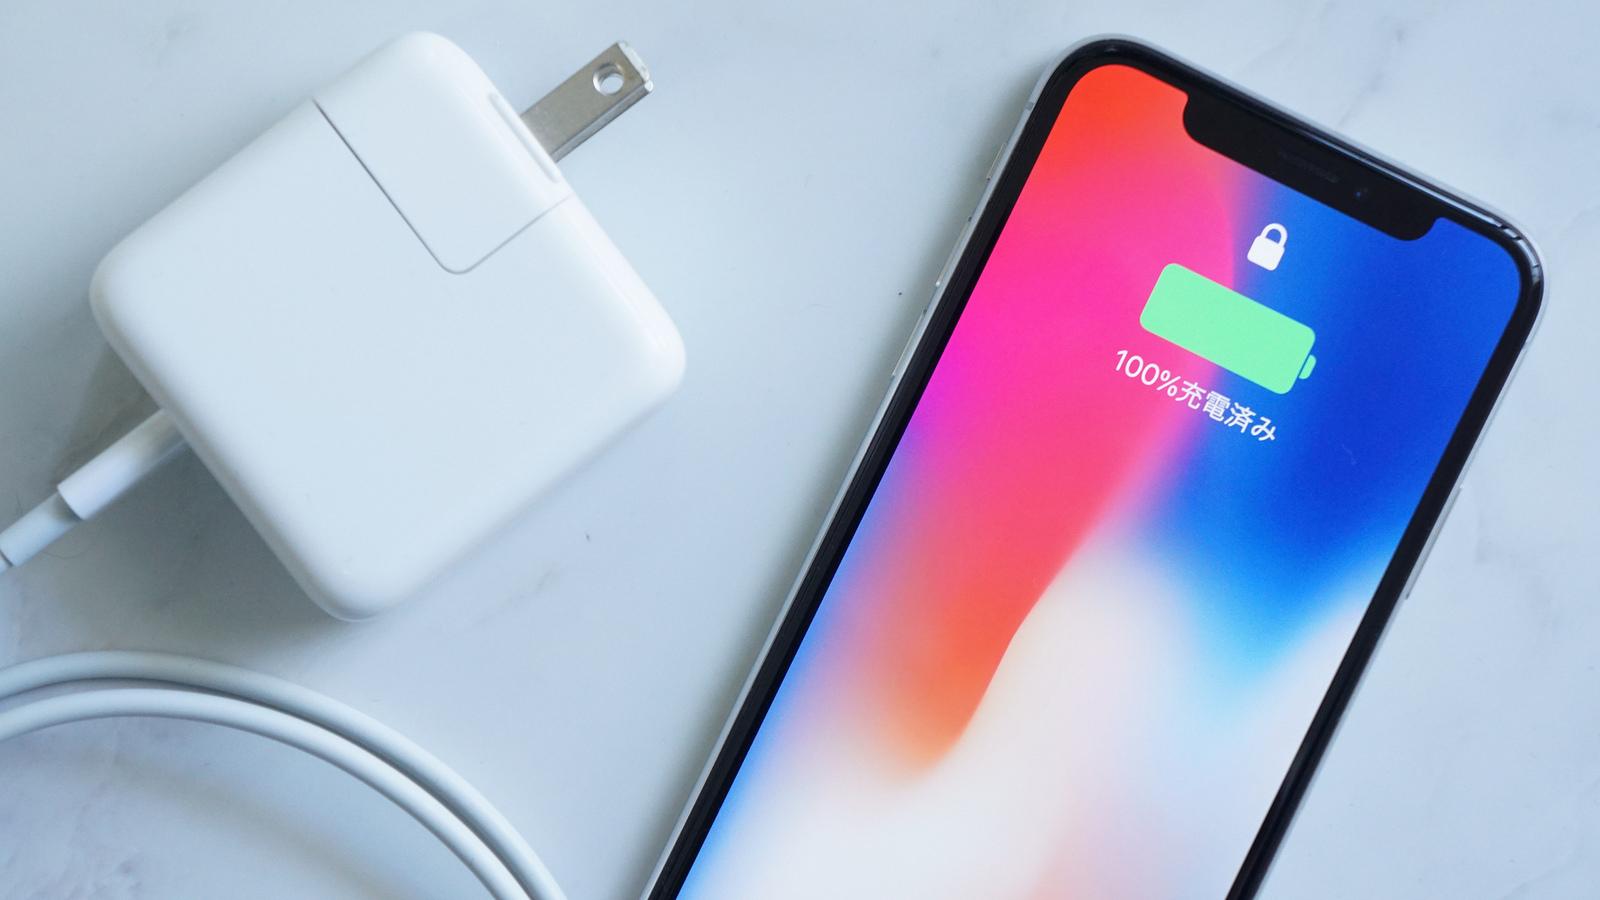 iPhoneが自動で充電されない不具合「ChargeGate」が確認される